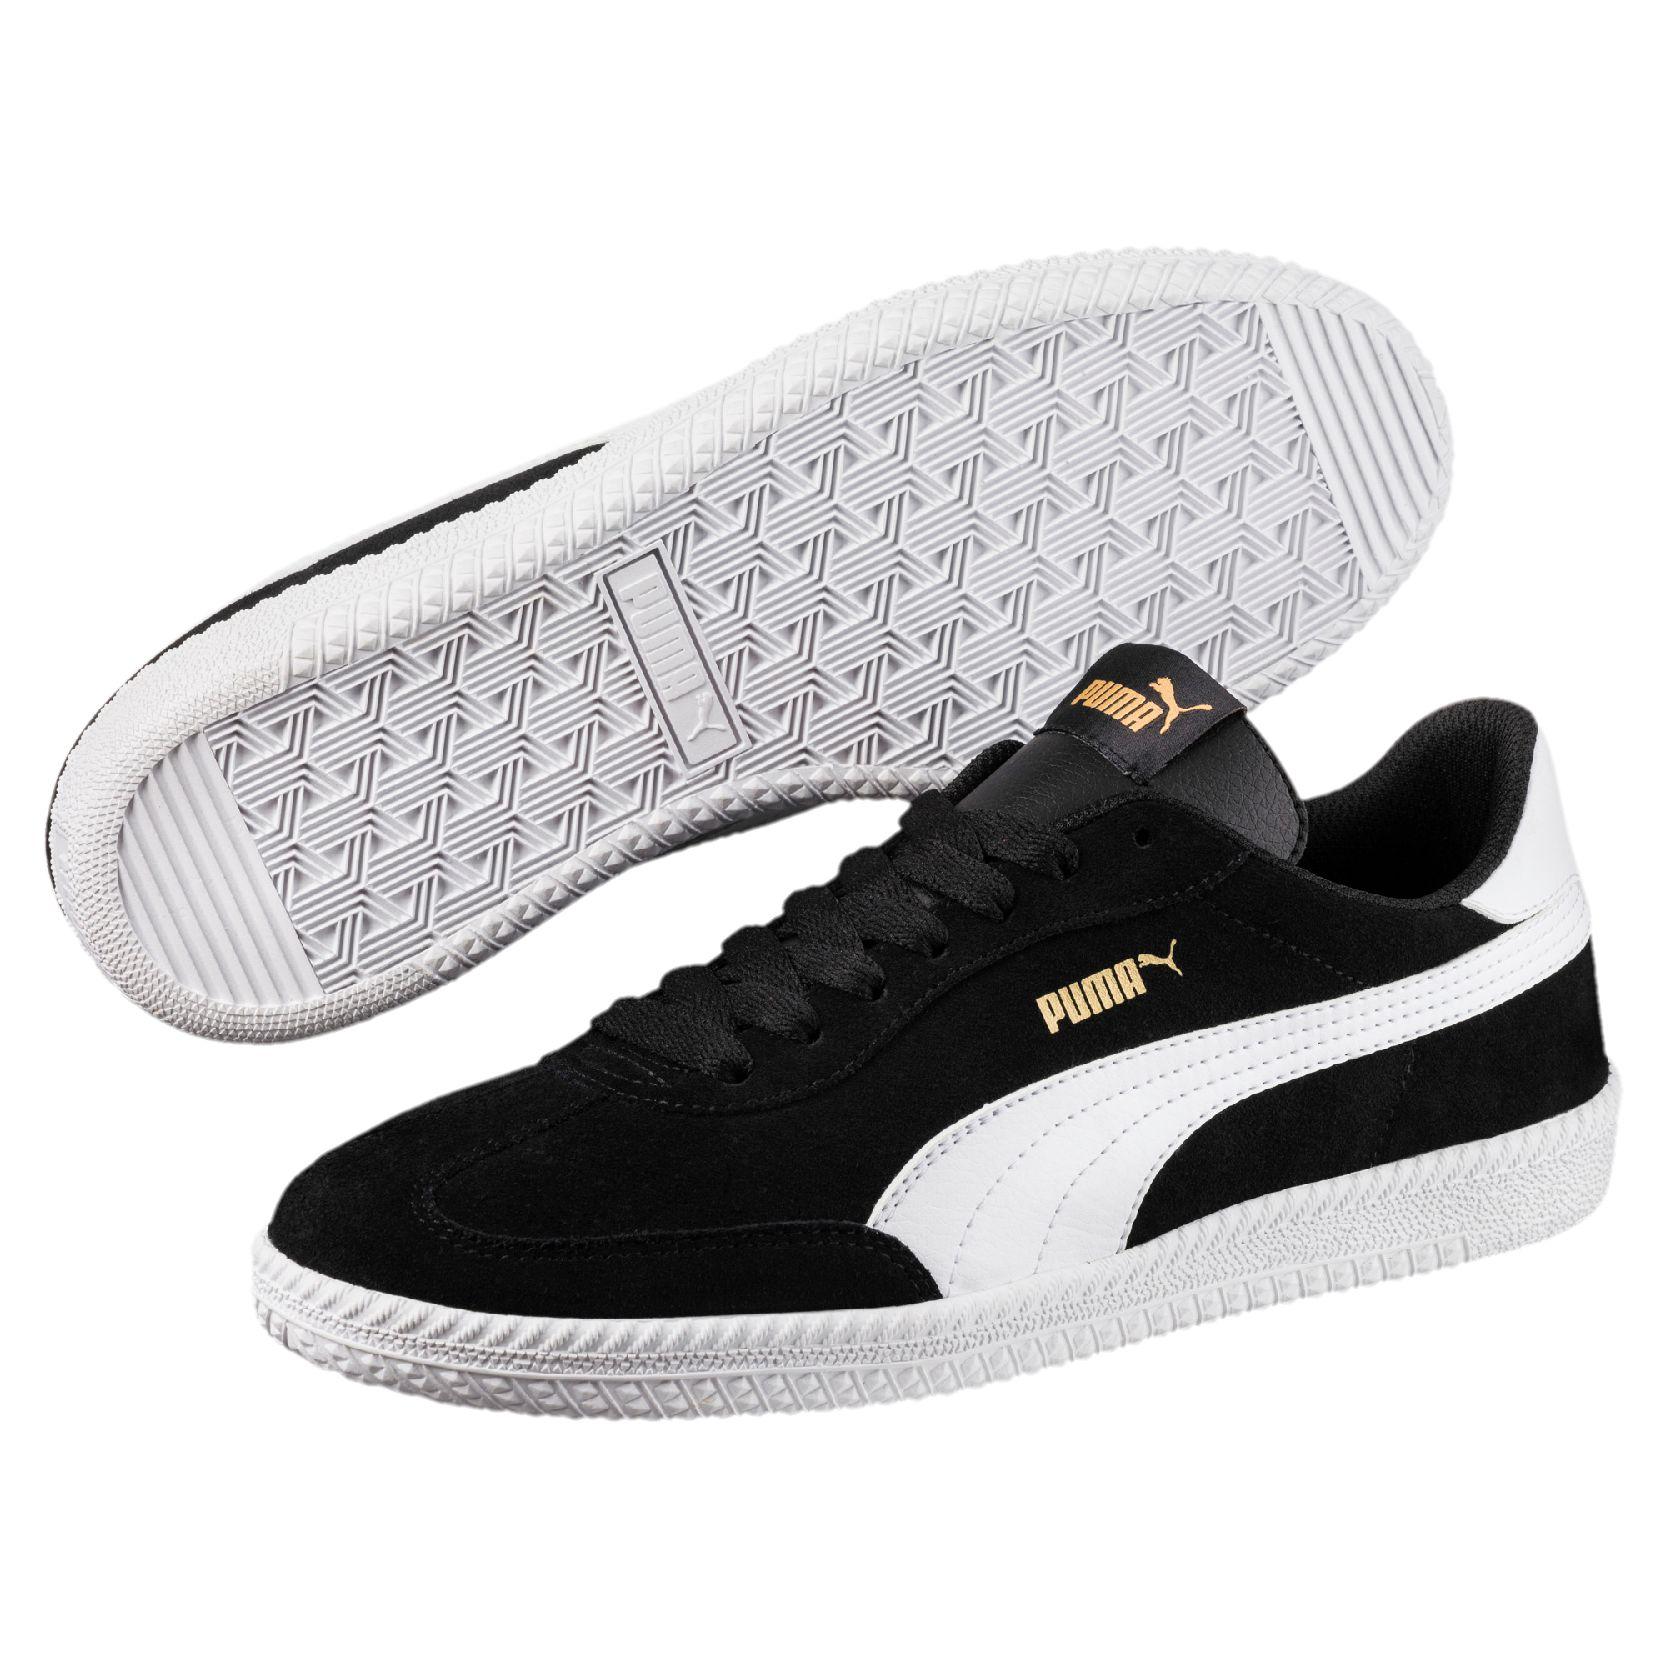 Puma Astro Cup Suede Sneakers $25